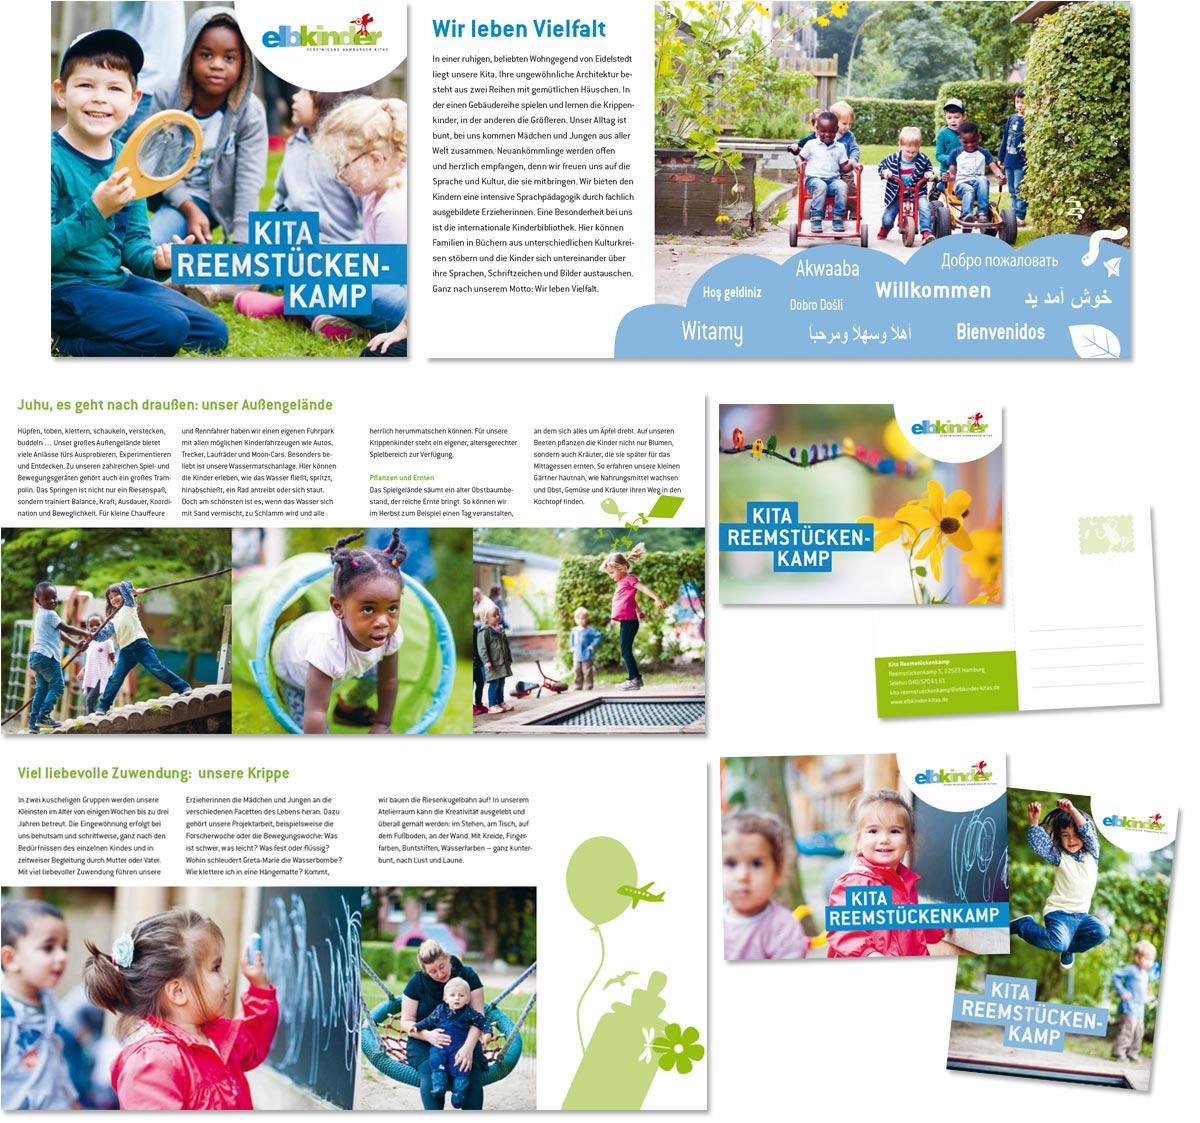 Broschüre, Plakat und Postkarten für die Kita Reemstückenkamp